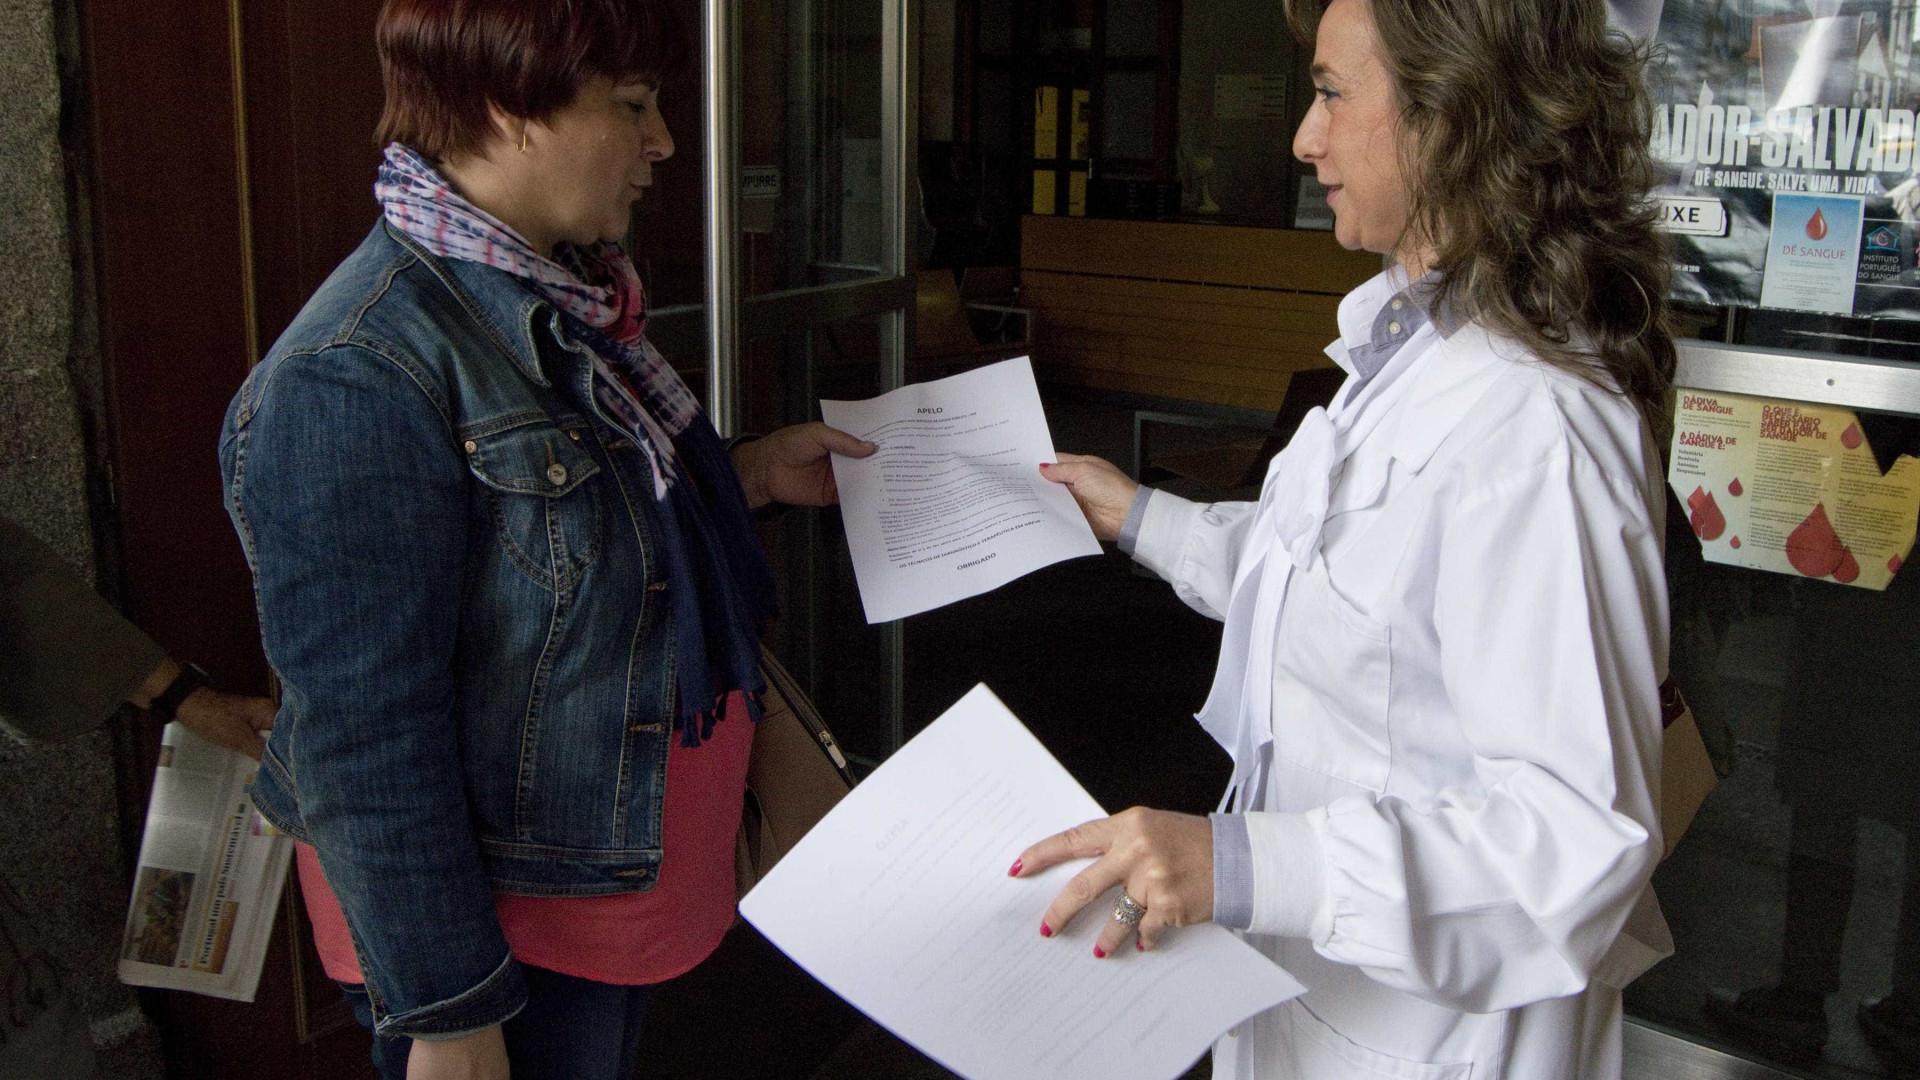 Técnicos de diagnóstico e terapêutica mantêm greve de dois dias